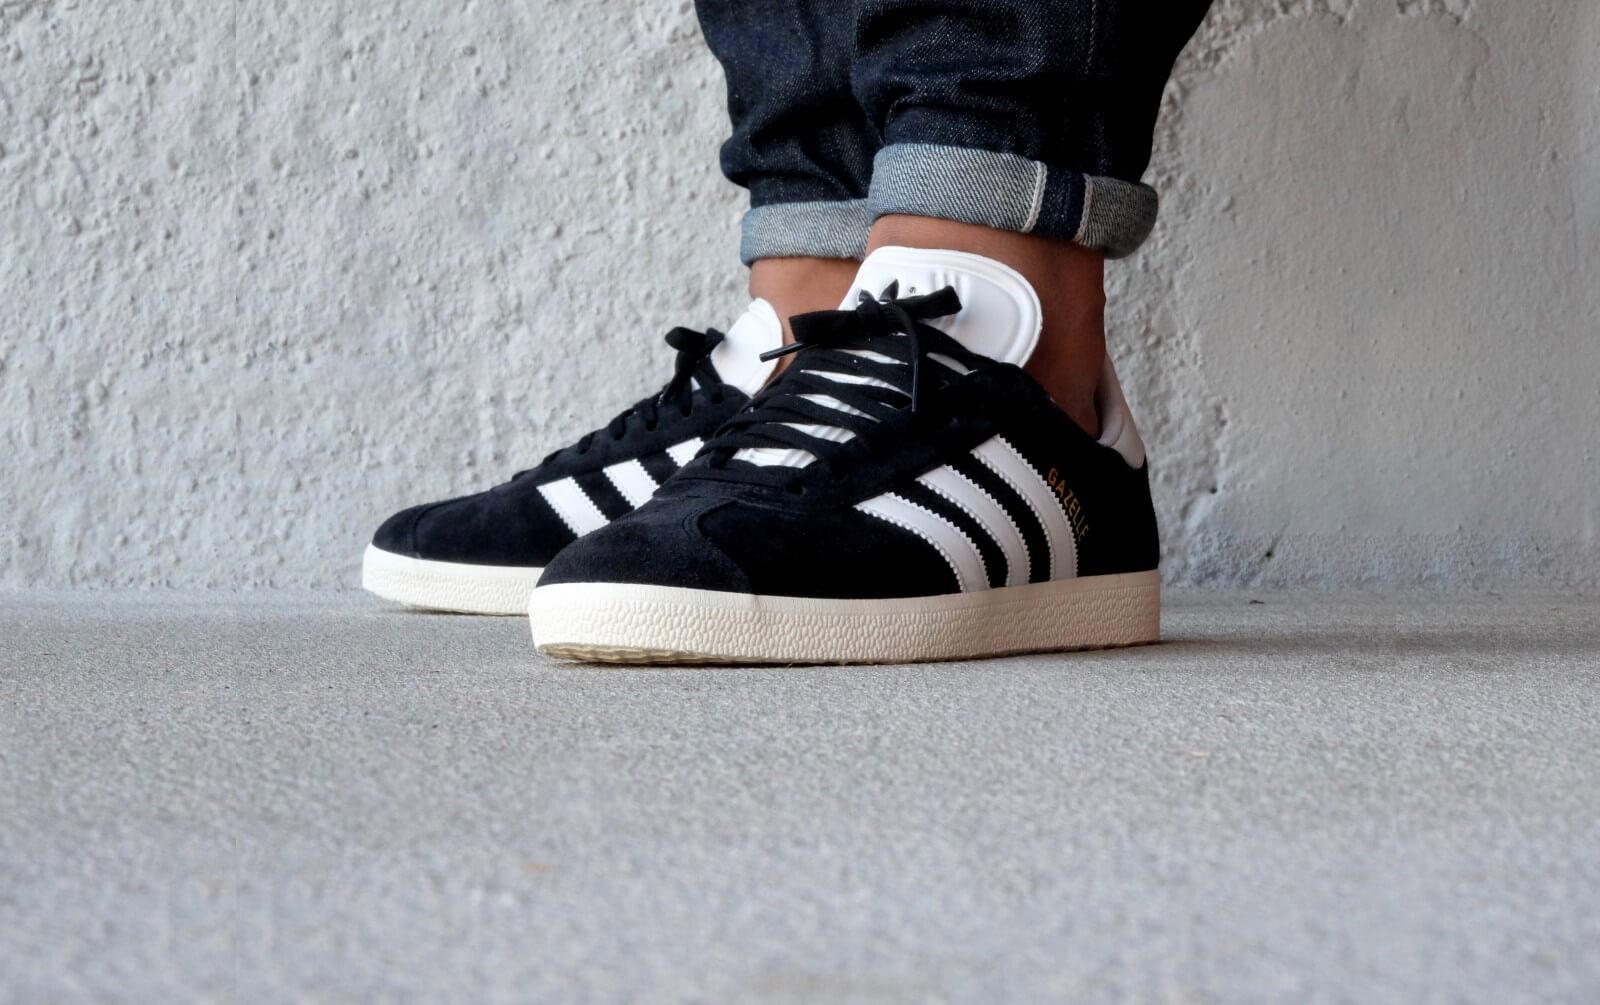 Adidas Gazelle Black White BB5491